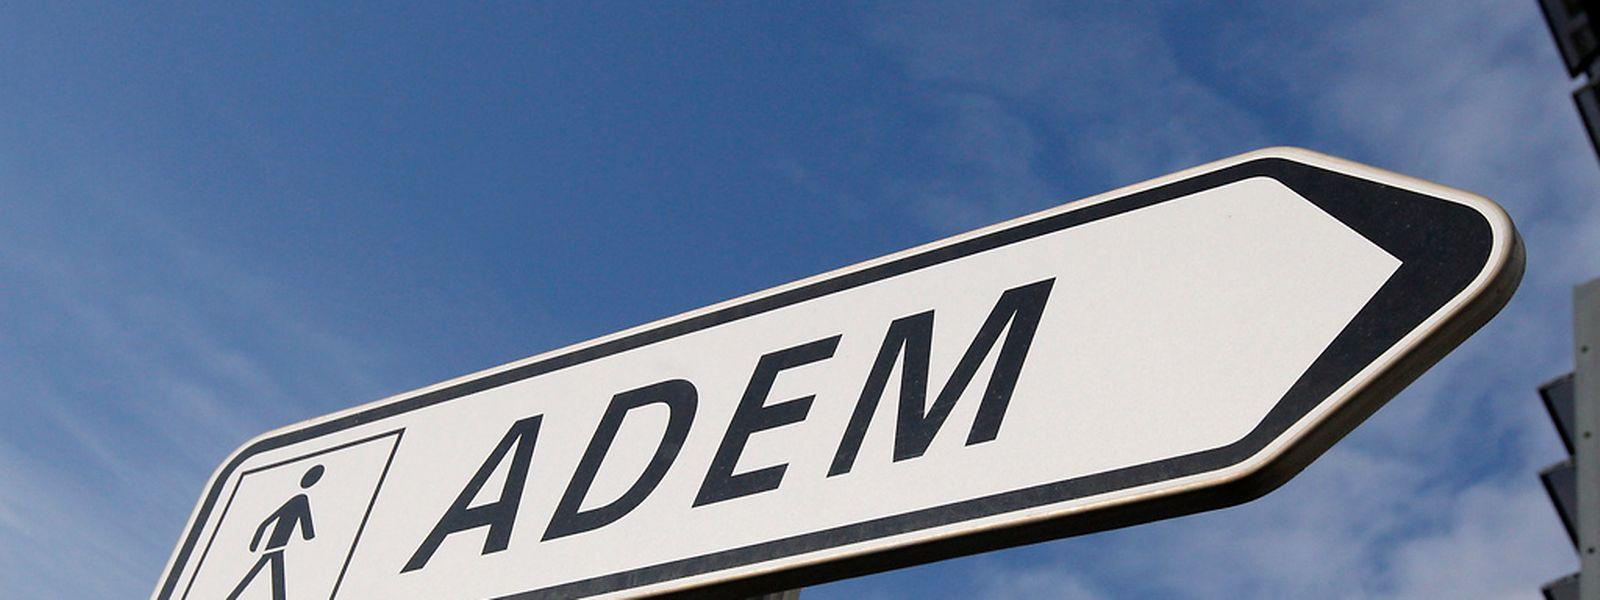 Laut Beschäftigungsminister Schmit kommt die Reform der Adem gut voran.